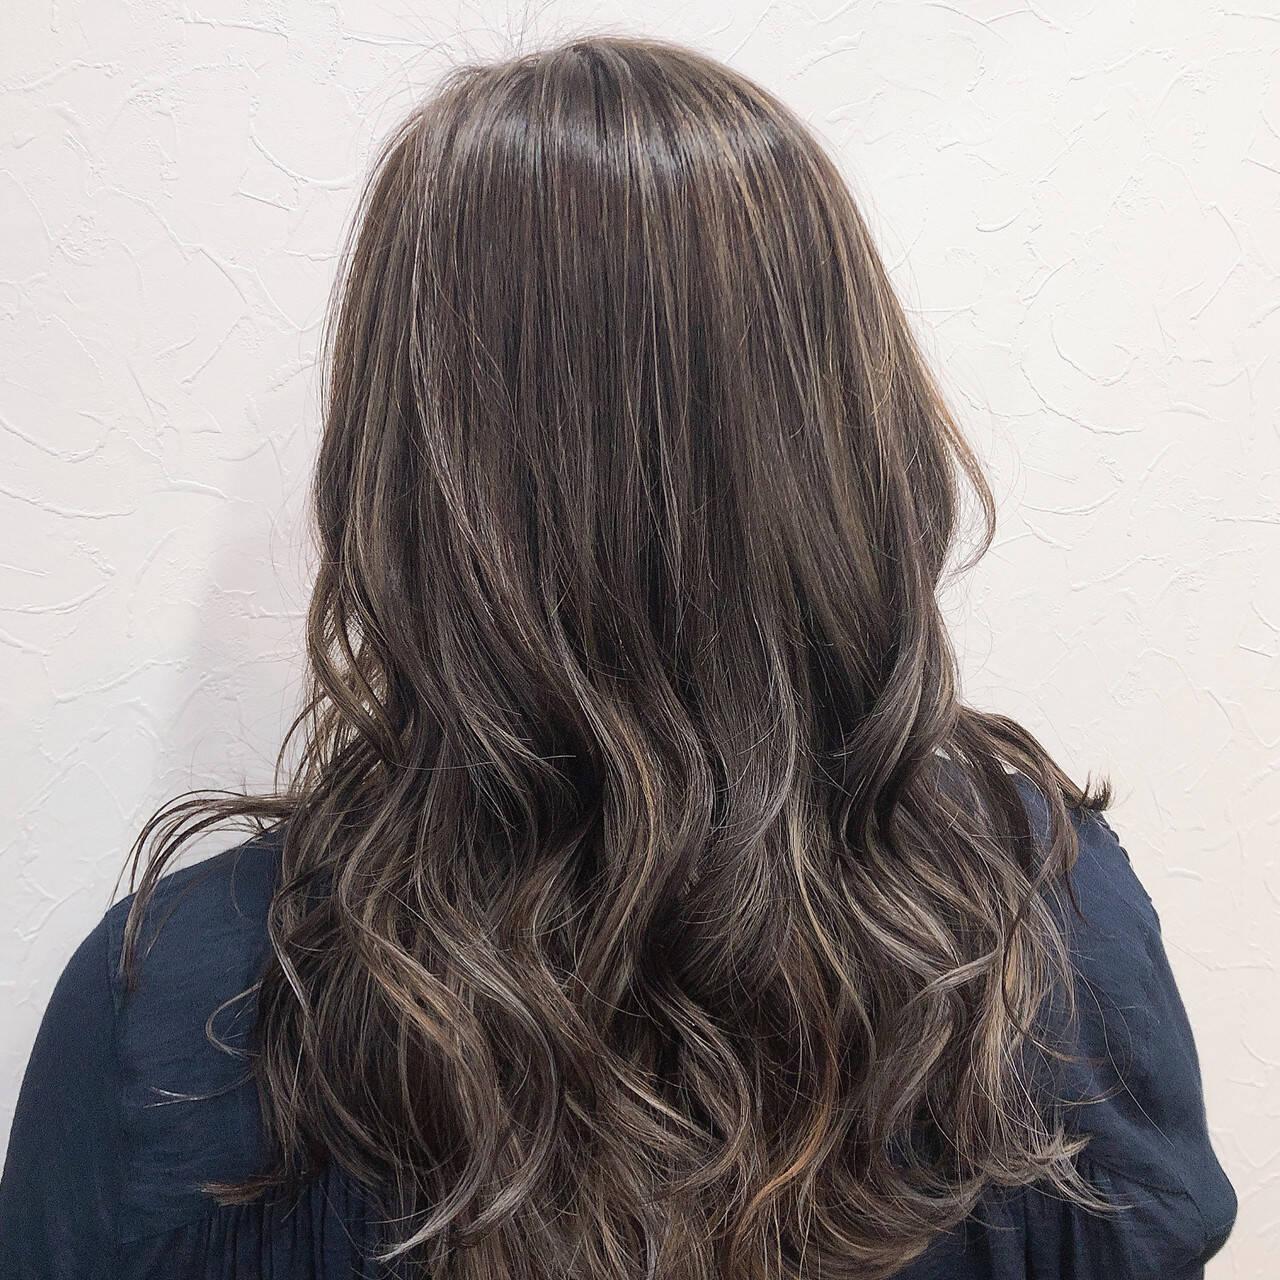 フェミニン ロング アッシュグレージュ 大人ハイライトヘアスタイルや髪型の写真・画像